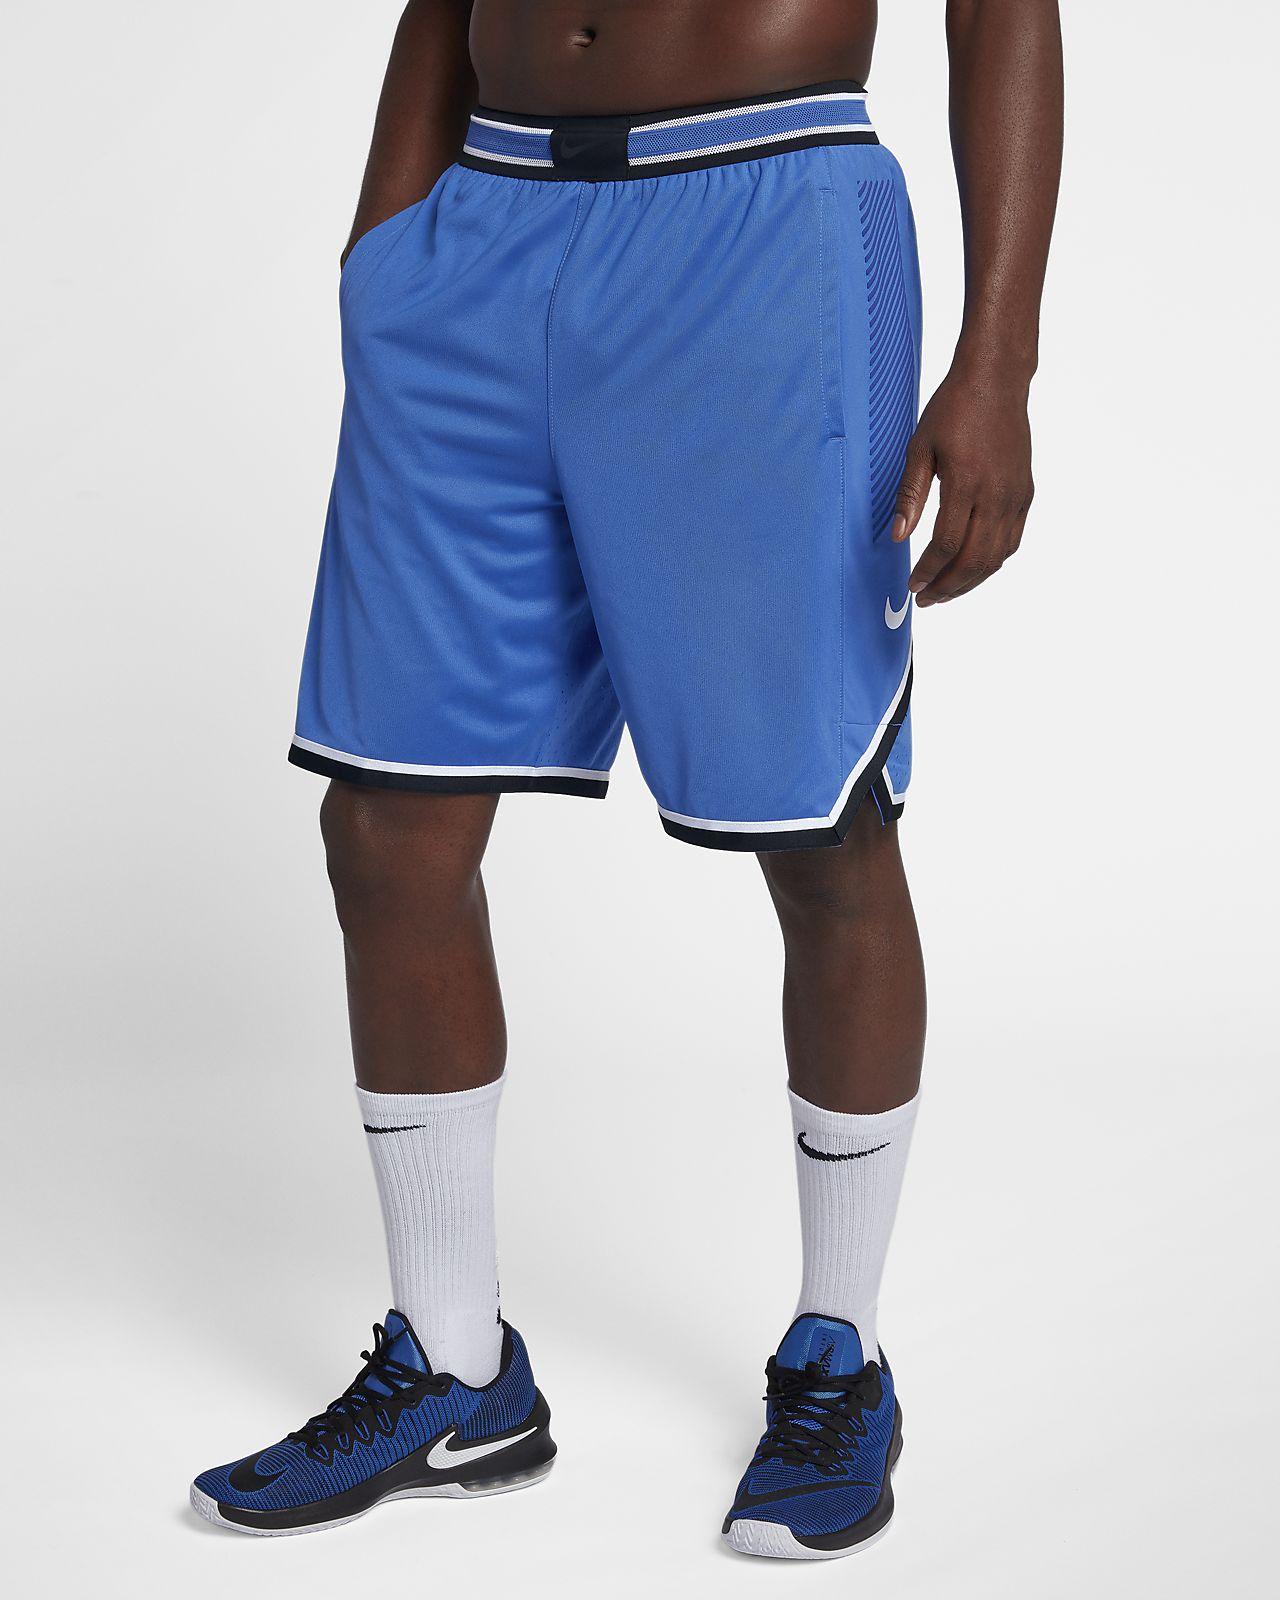 36a654e3294e Low Resolution Nike VaporKnit Men s Basketball Shorts Nike VaporKnit Men s  Basketball Shorts